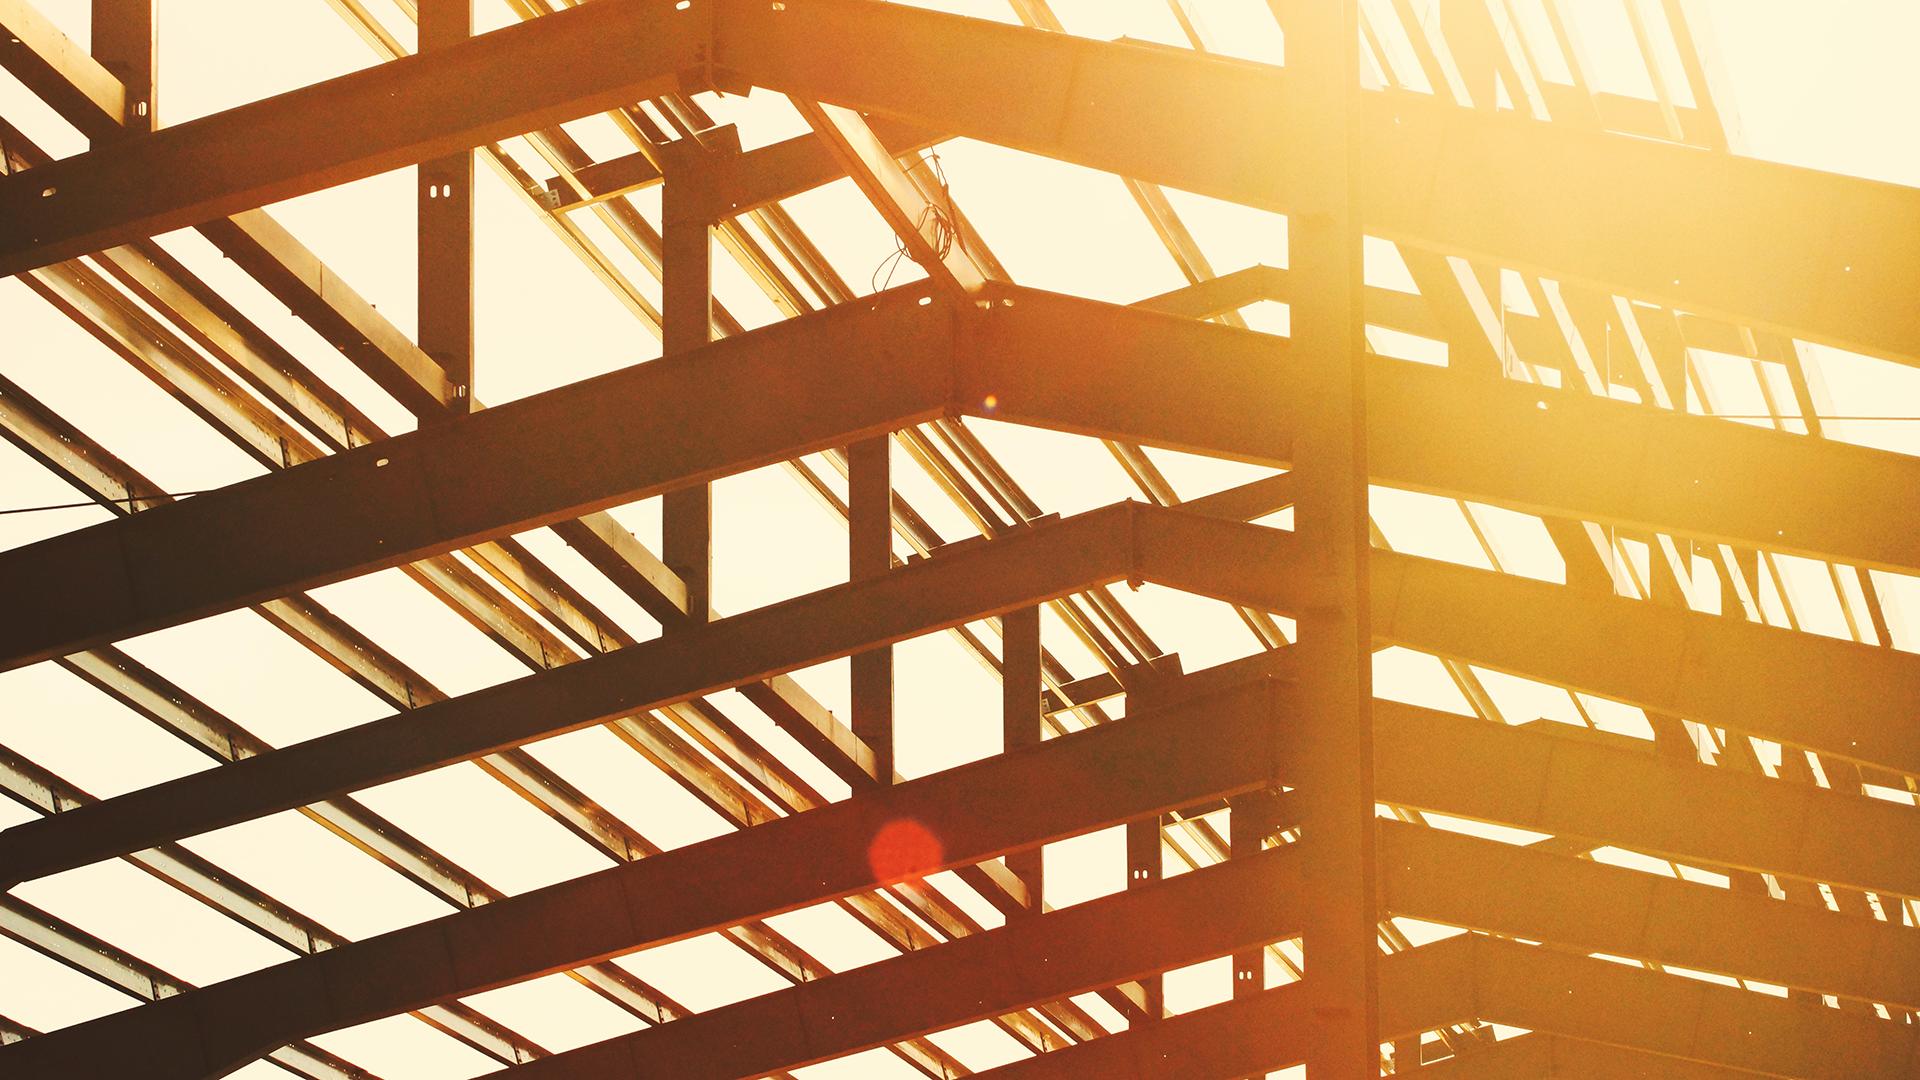 Building steel beams